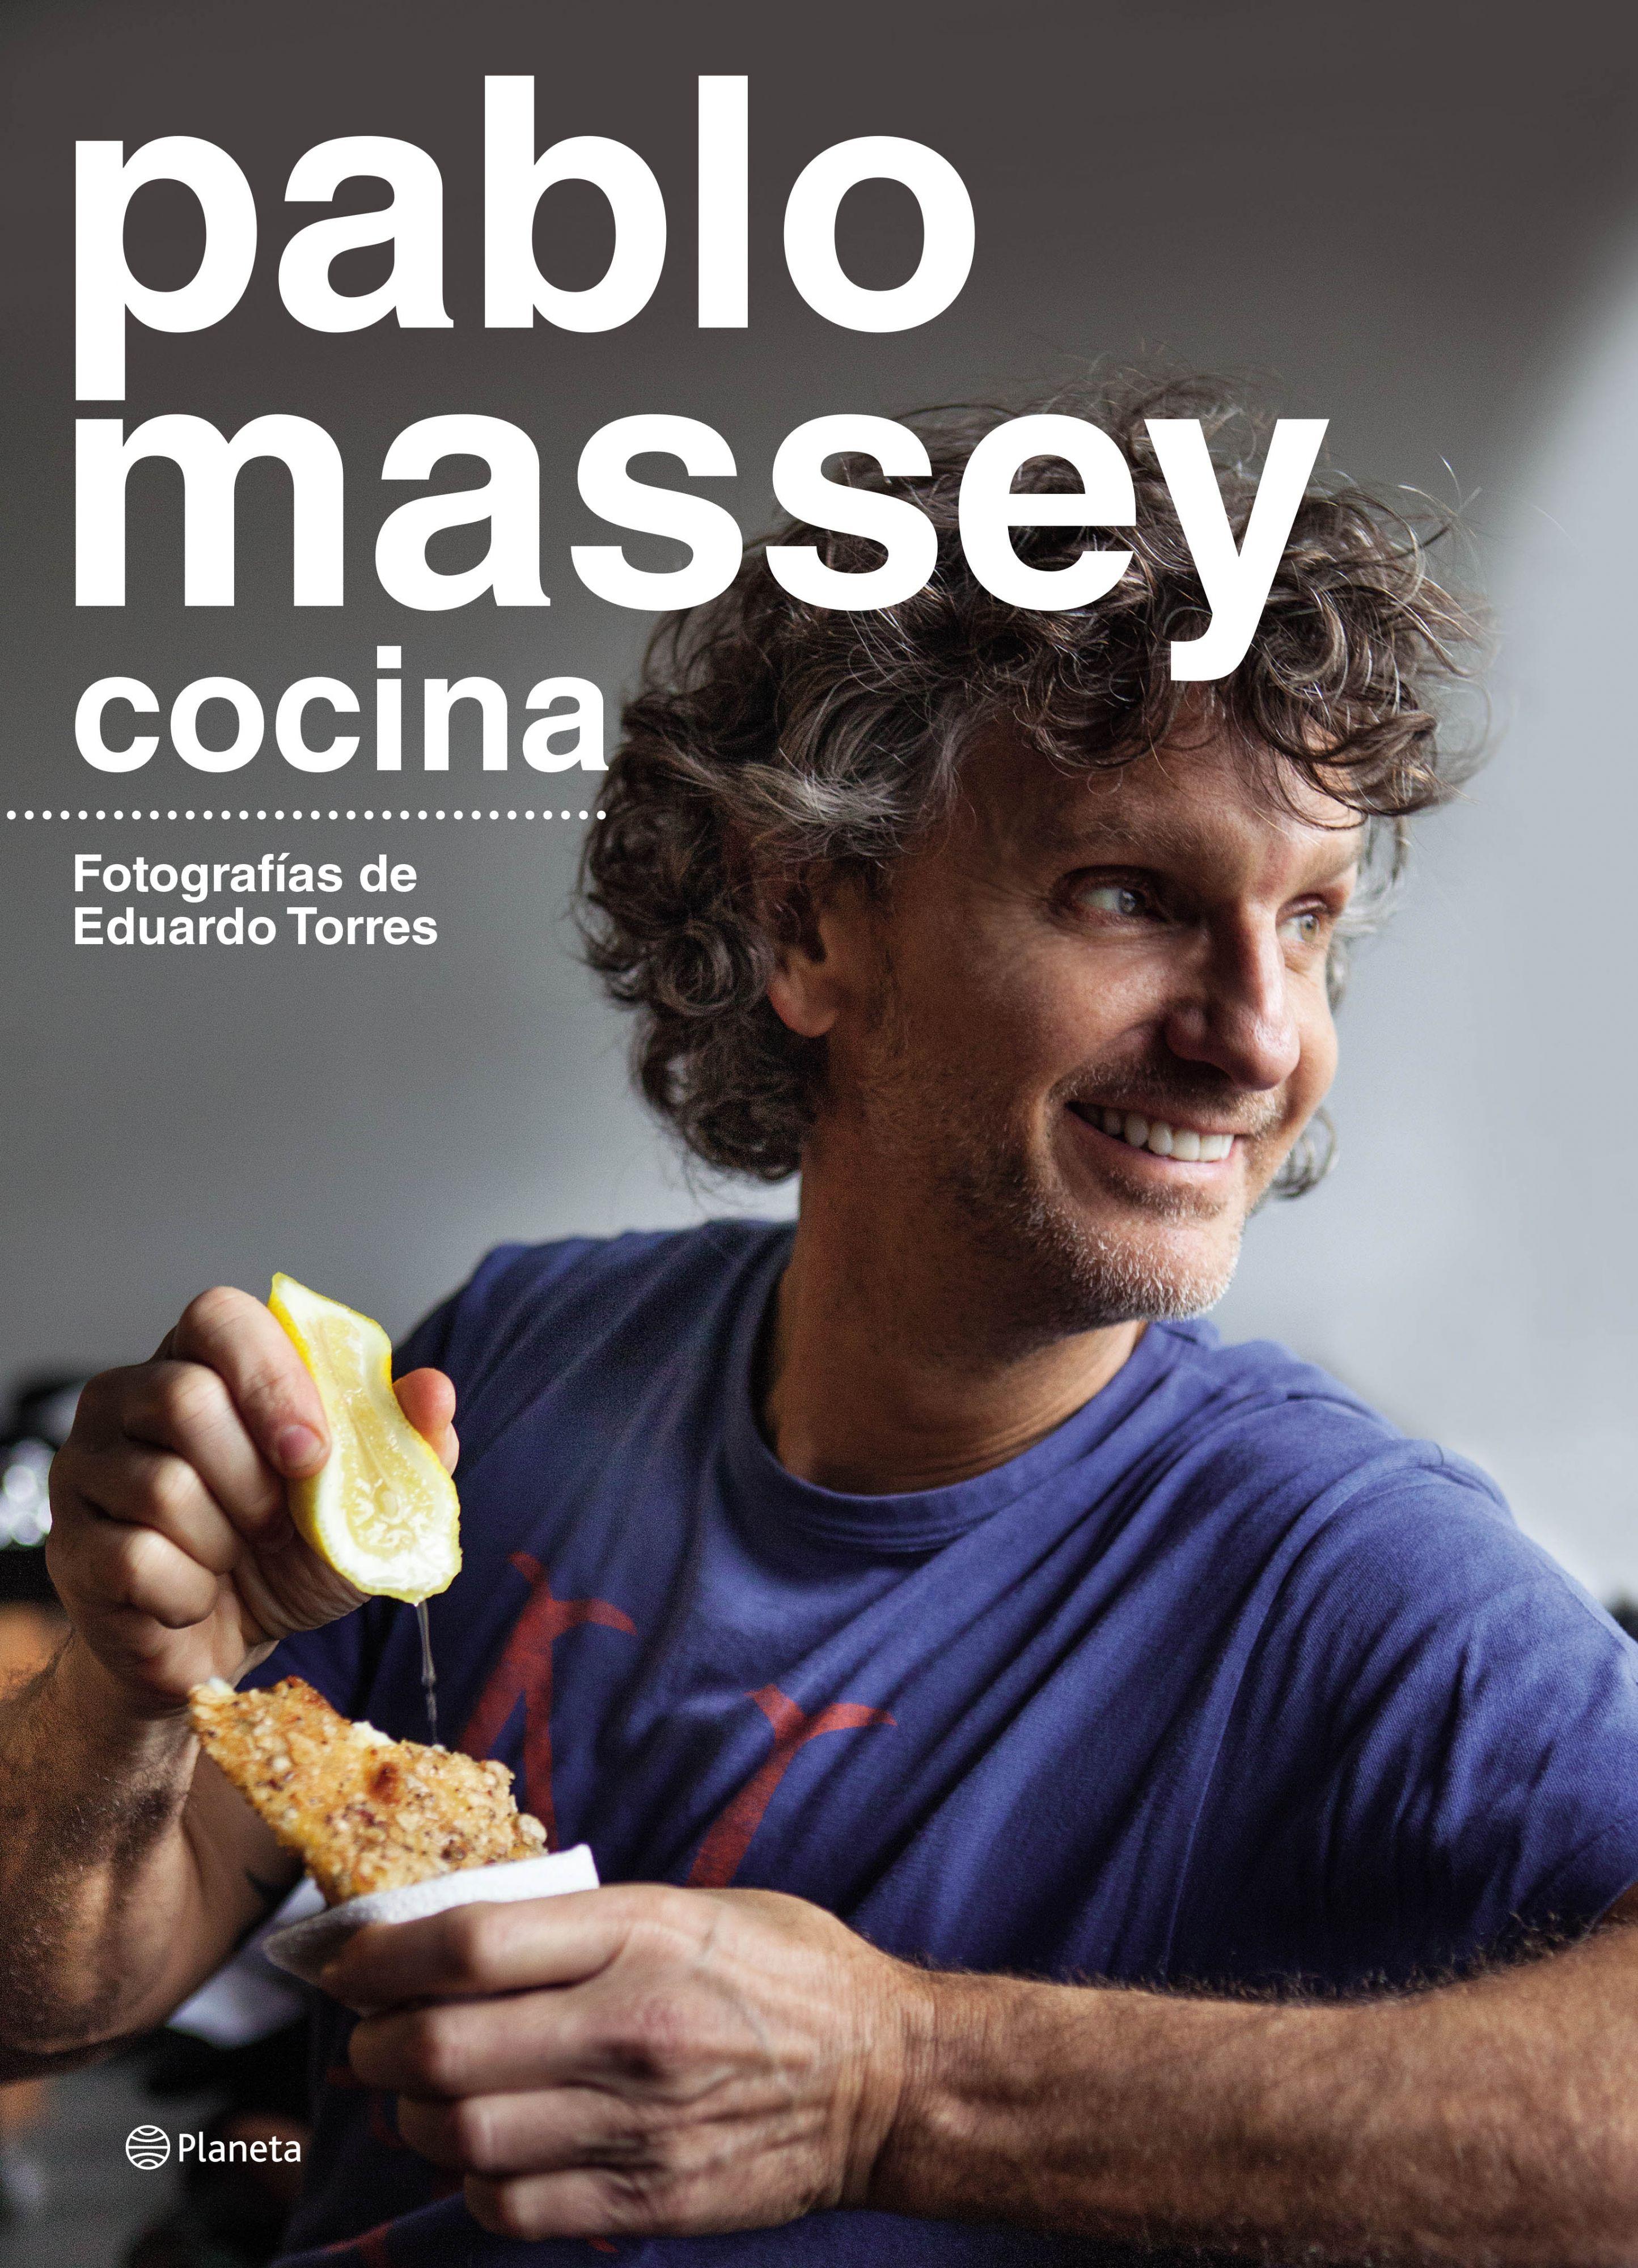 https://planetadelibrosar2.cdnstatics.com/usuaris/libros/fotos/283/original/portada_pablo-massey-cocina_pablo-massey_201904261758.jpg